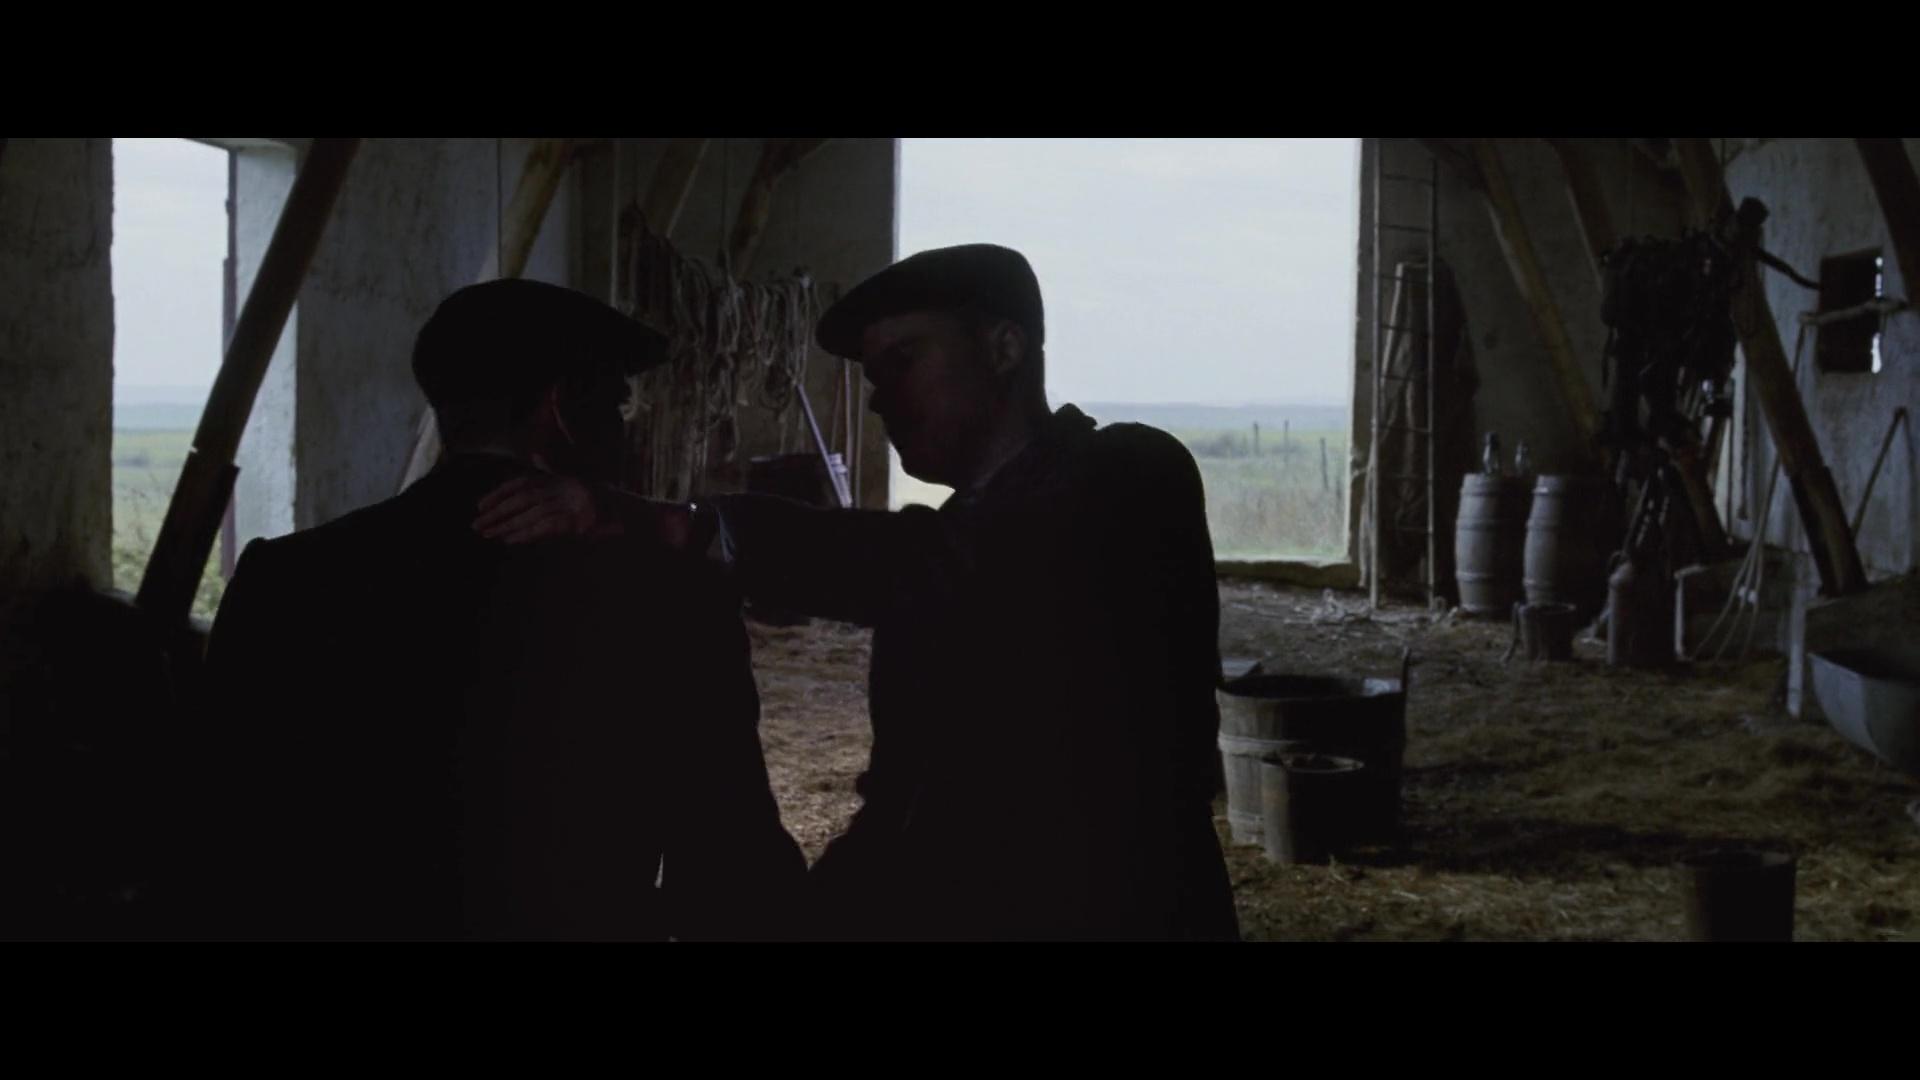 El Hombre Del Corazon De Hierro 1080p Lat-Cast-Ing 5.1 (2017)